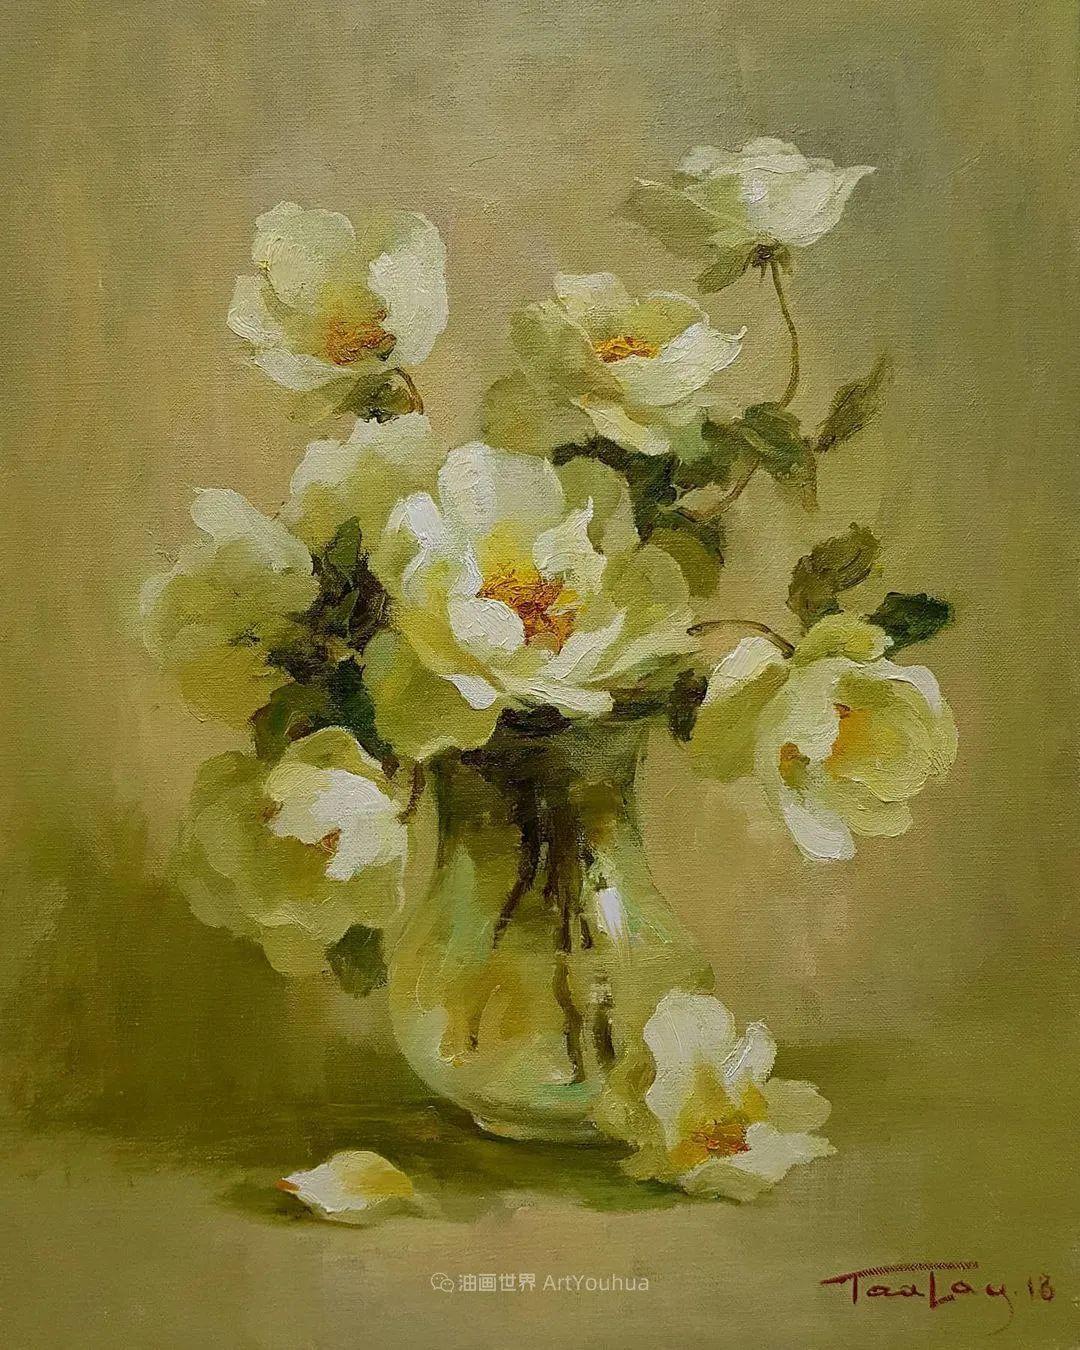 他的花儿如此生动和明亮,充满了光和微妙的东方哲学!插图73